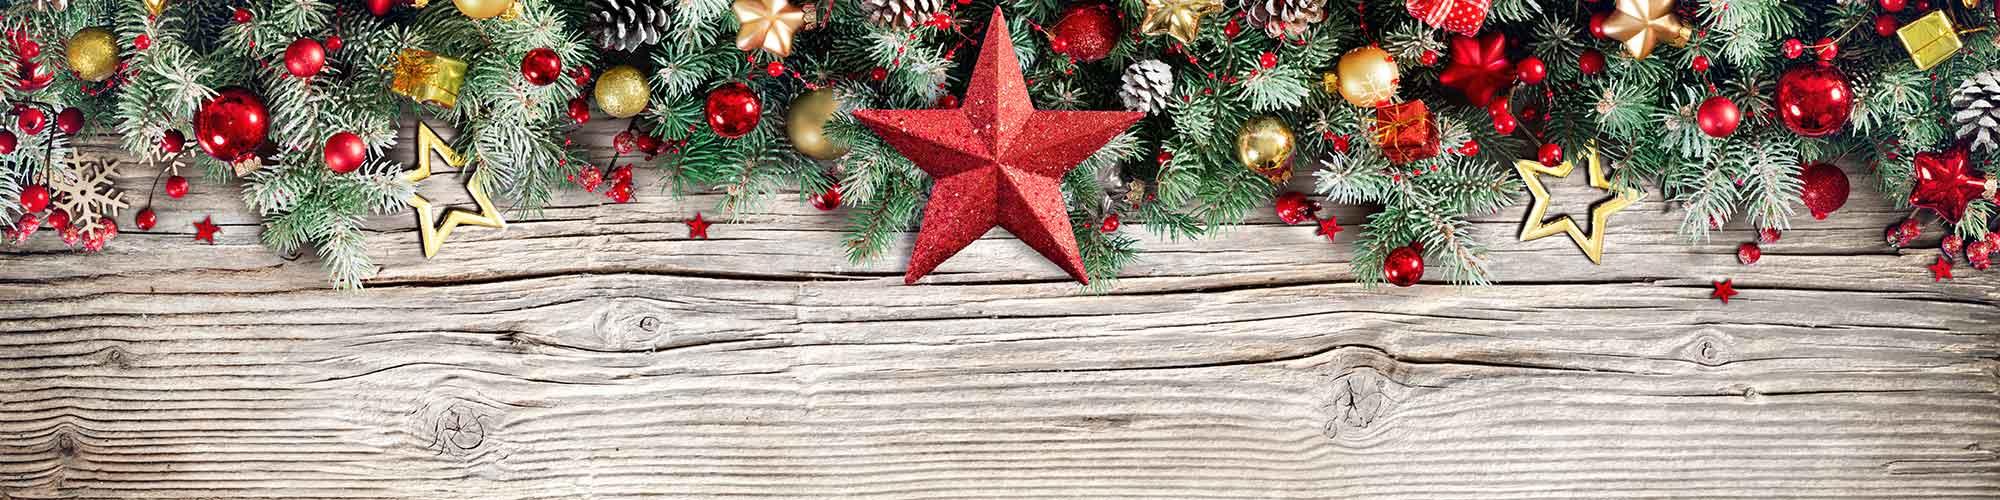 bakgrund-jul-bred